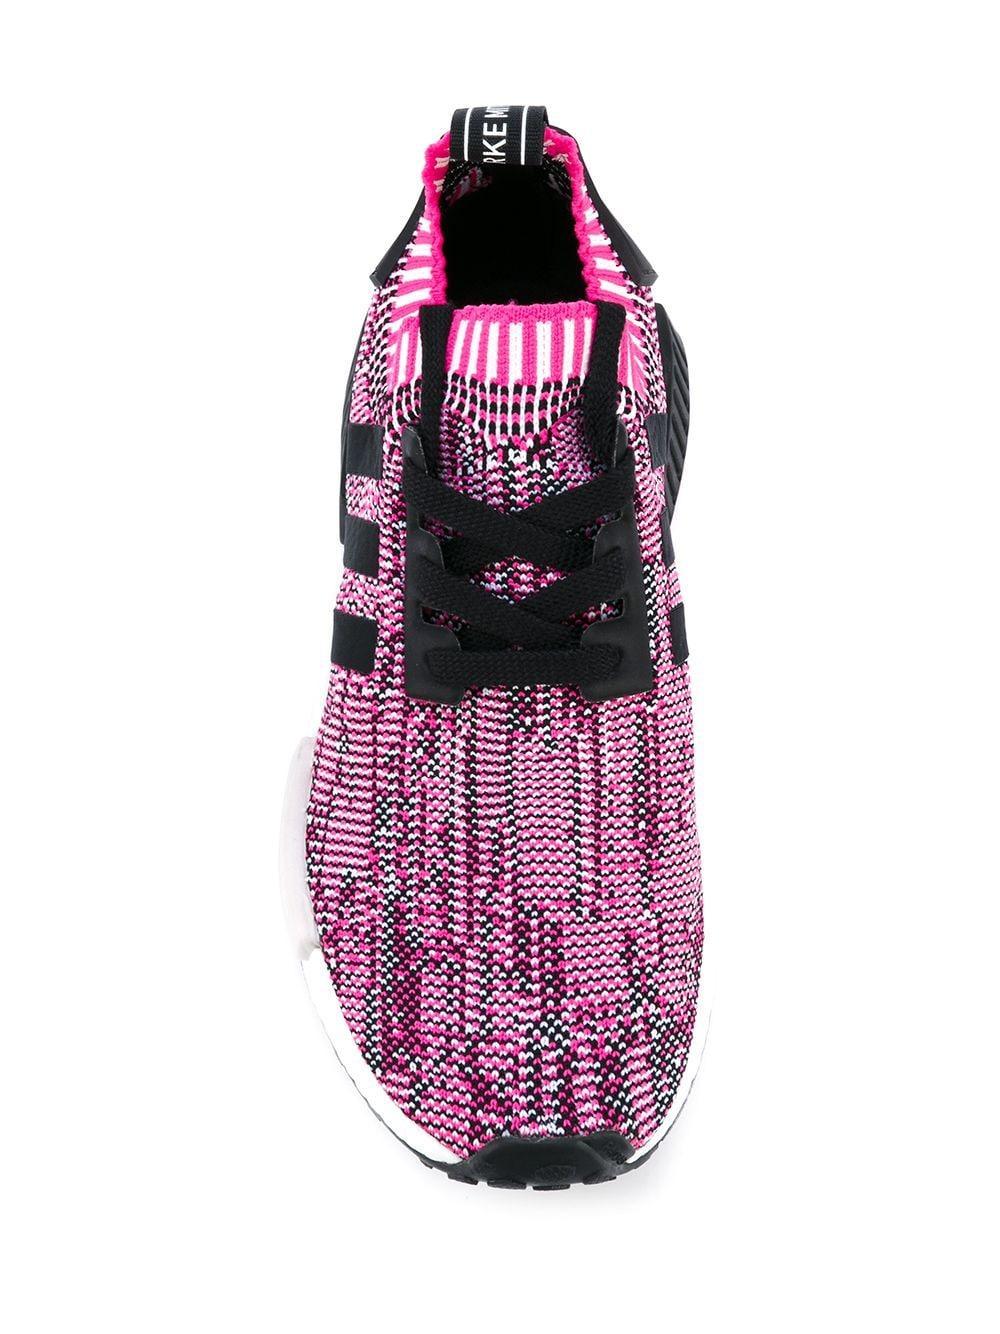 Zapatillas NMD_R1 adidas de Tejido sintético de color Rosa